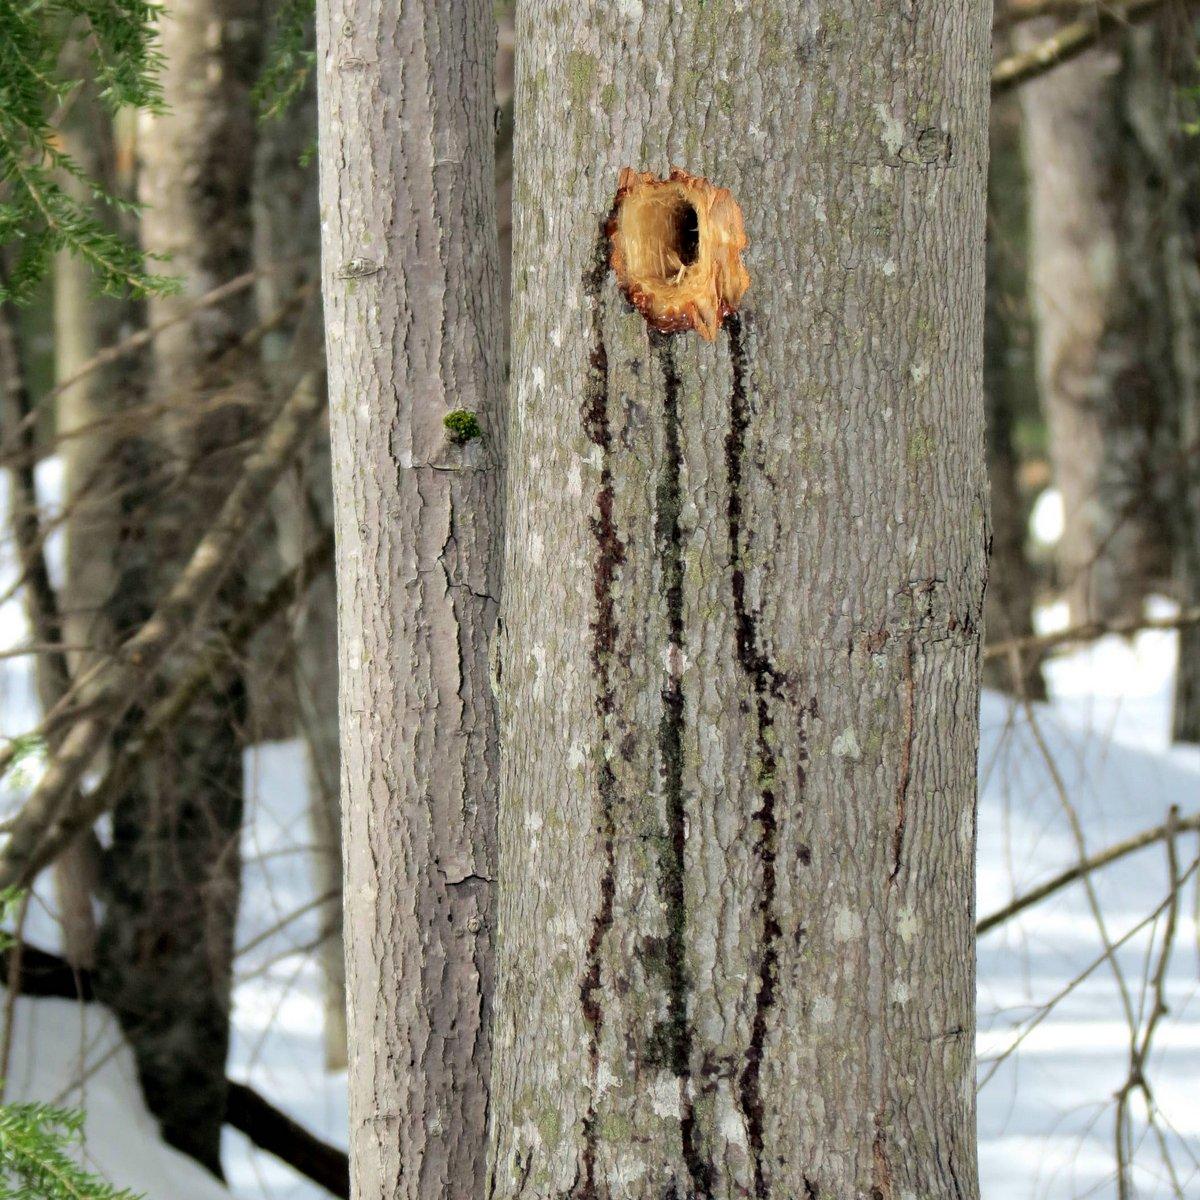 6. Bleeding Woodpecker Hole in Maple